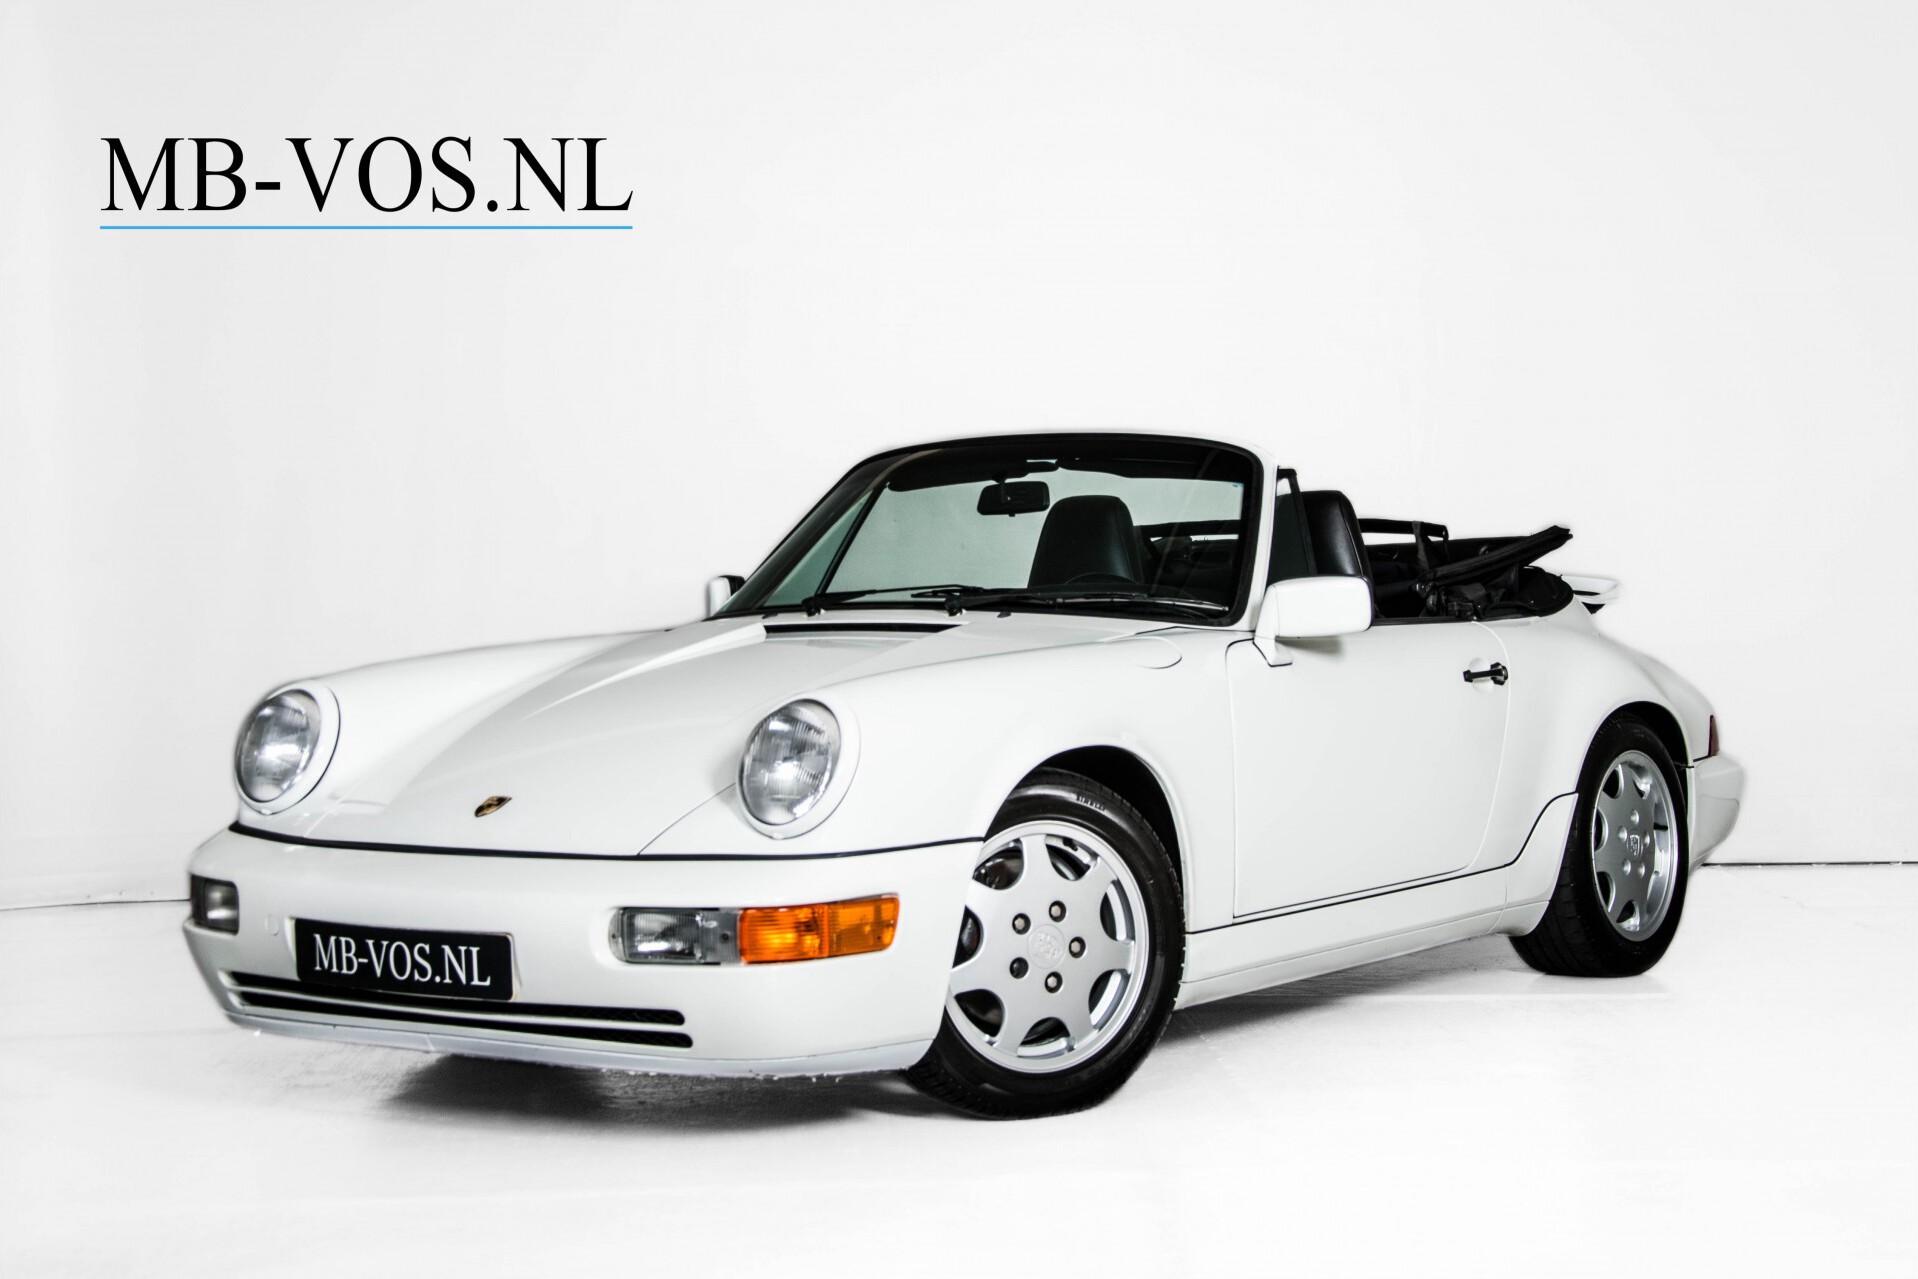 Porsche 911 Cabrio 964 3.6 Carrera 4 Gerestaureerd/Gedocumenteerd/Incl. BTW Foto 1